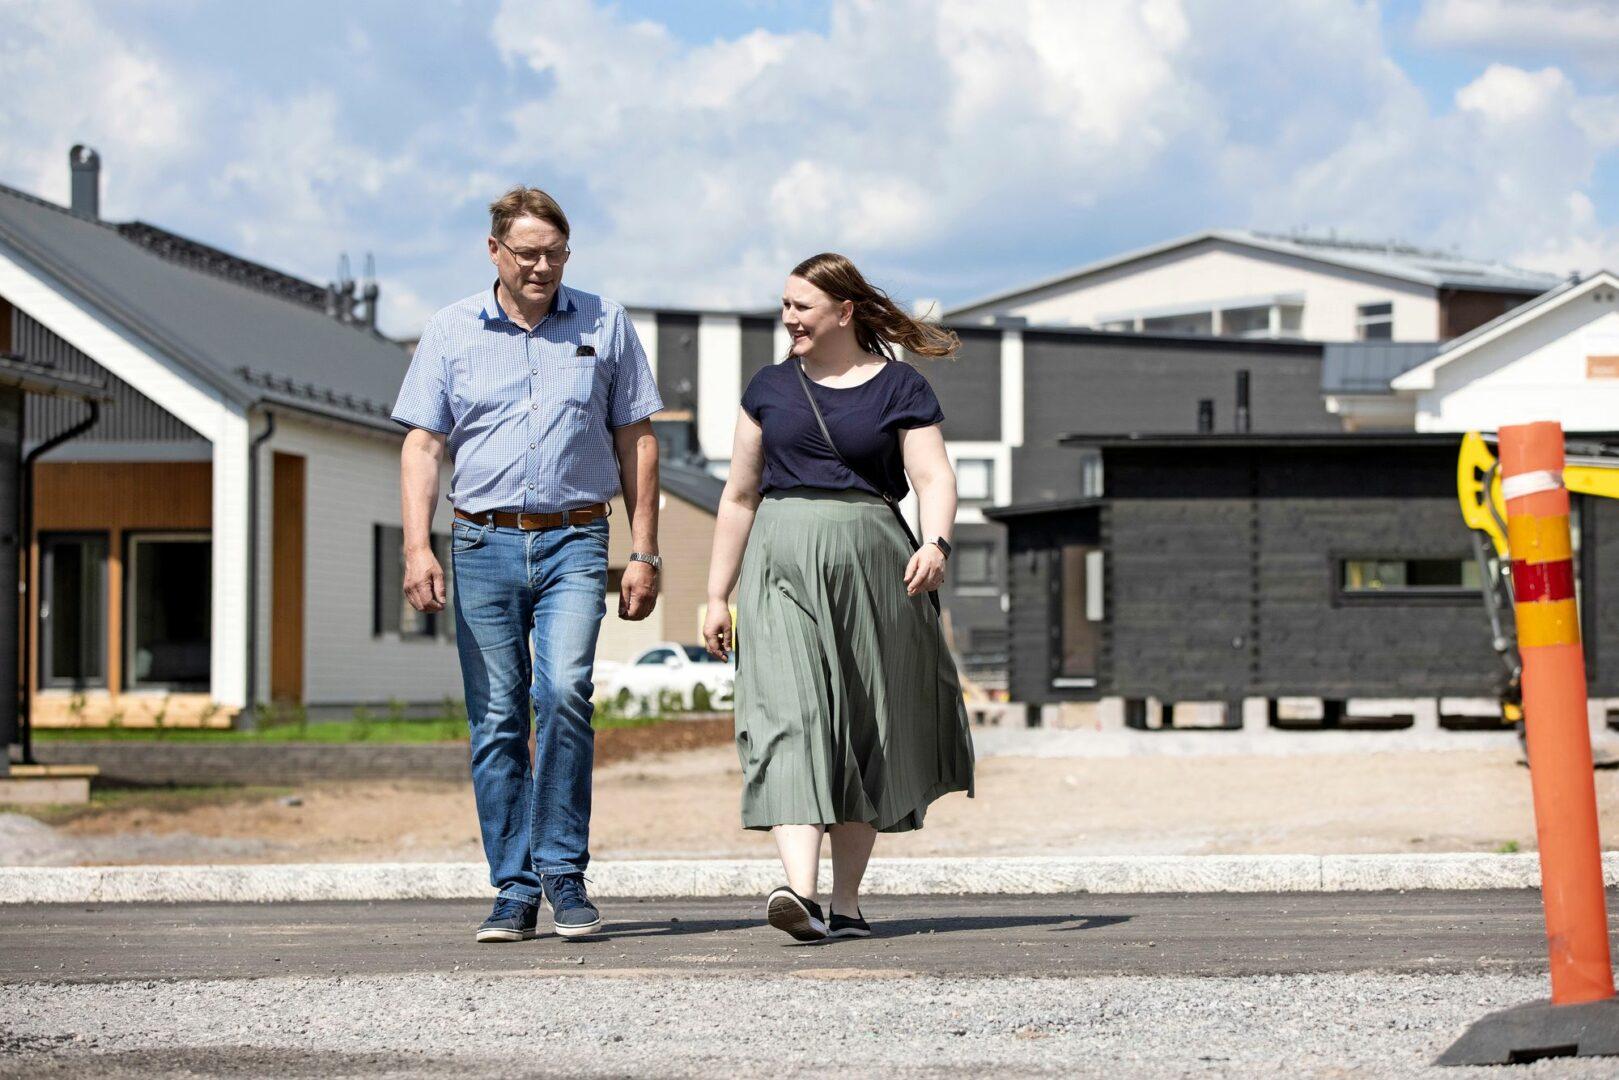 Anniina etsii messuilta isänsä Unton kanssa ideoita uuteen taloonsa, jonka hän ja miehensä Ville rakennuttavat Loimaalle. Pari meni naimisiin Ensitreffit alttarilla -tv-ohjelmassa 2019.  © Tommi Tuomi